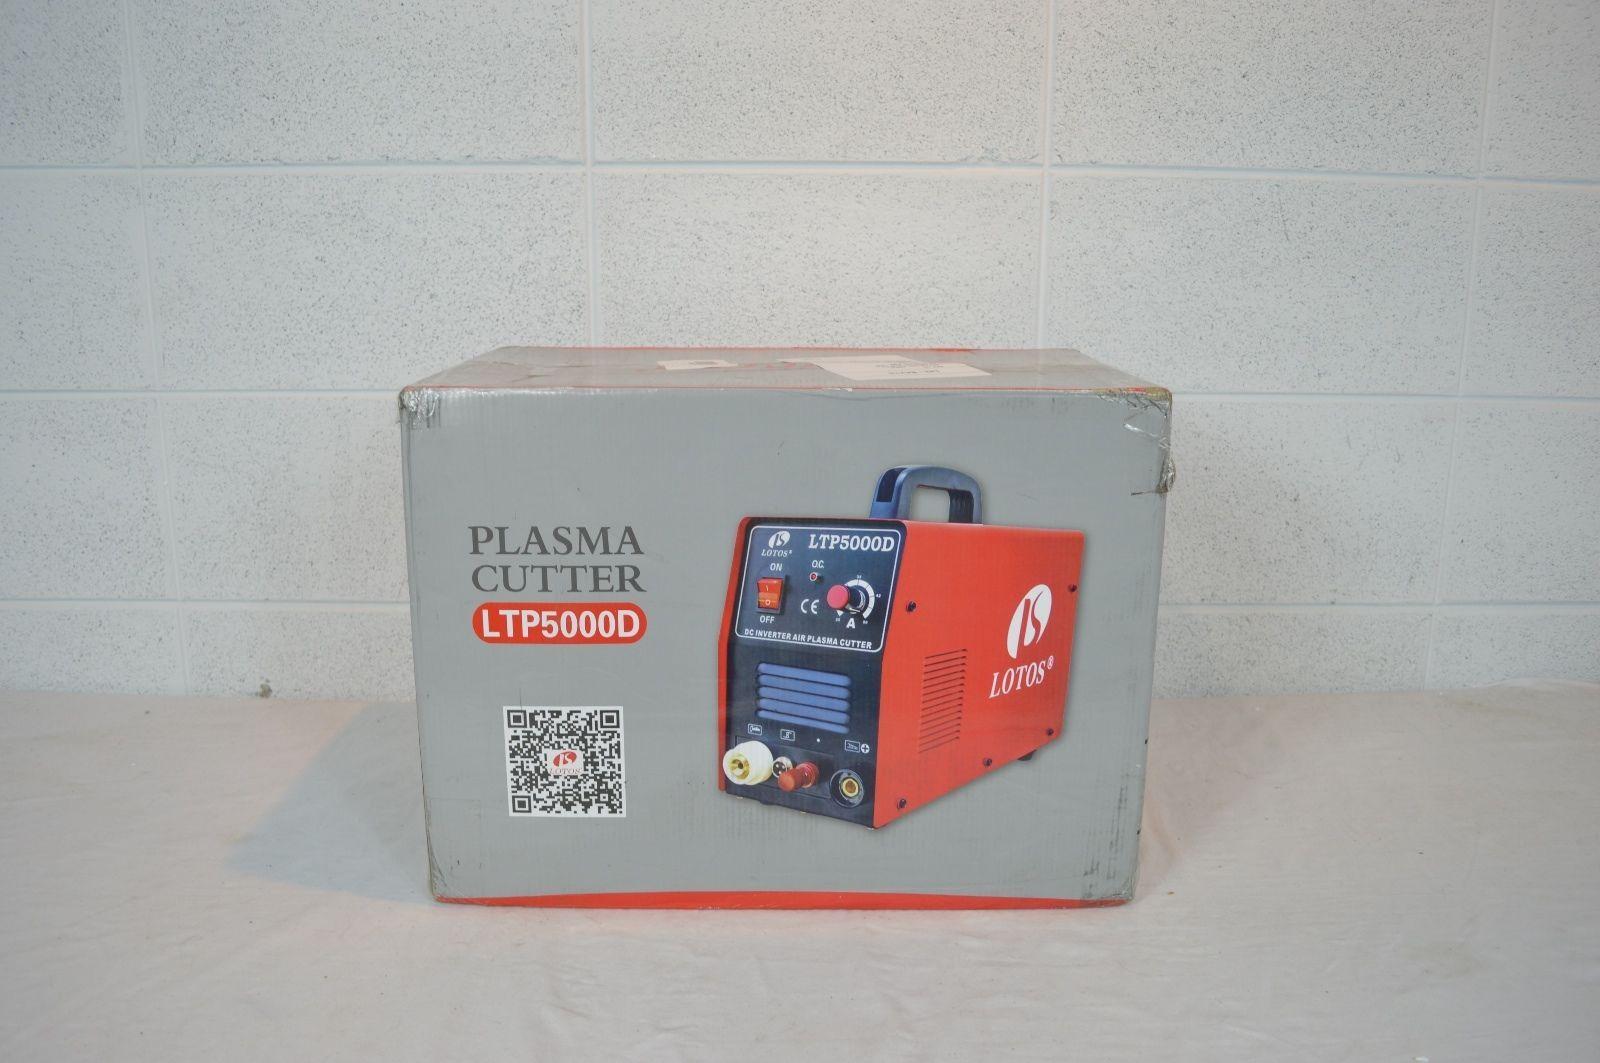 Lotos LTP5000D 50Amp Non-Touch Pilot Arc Plasma Cutter Dual Voltage 110V-220V  https://t.co/mCJ7OBbUO4 https://t.co/tzSdYYoAmh